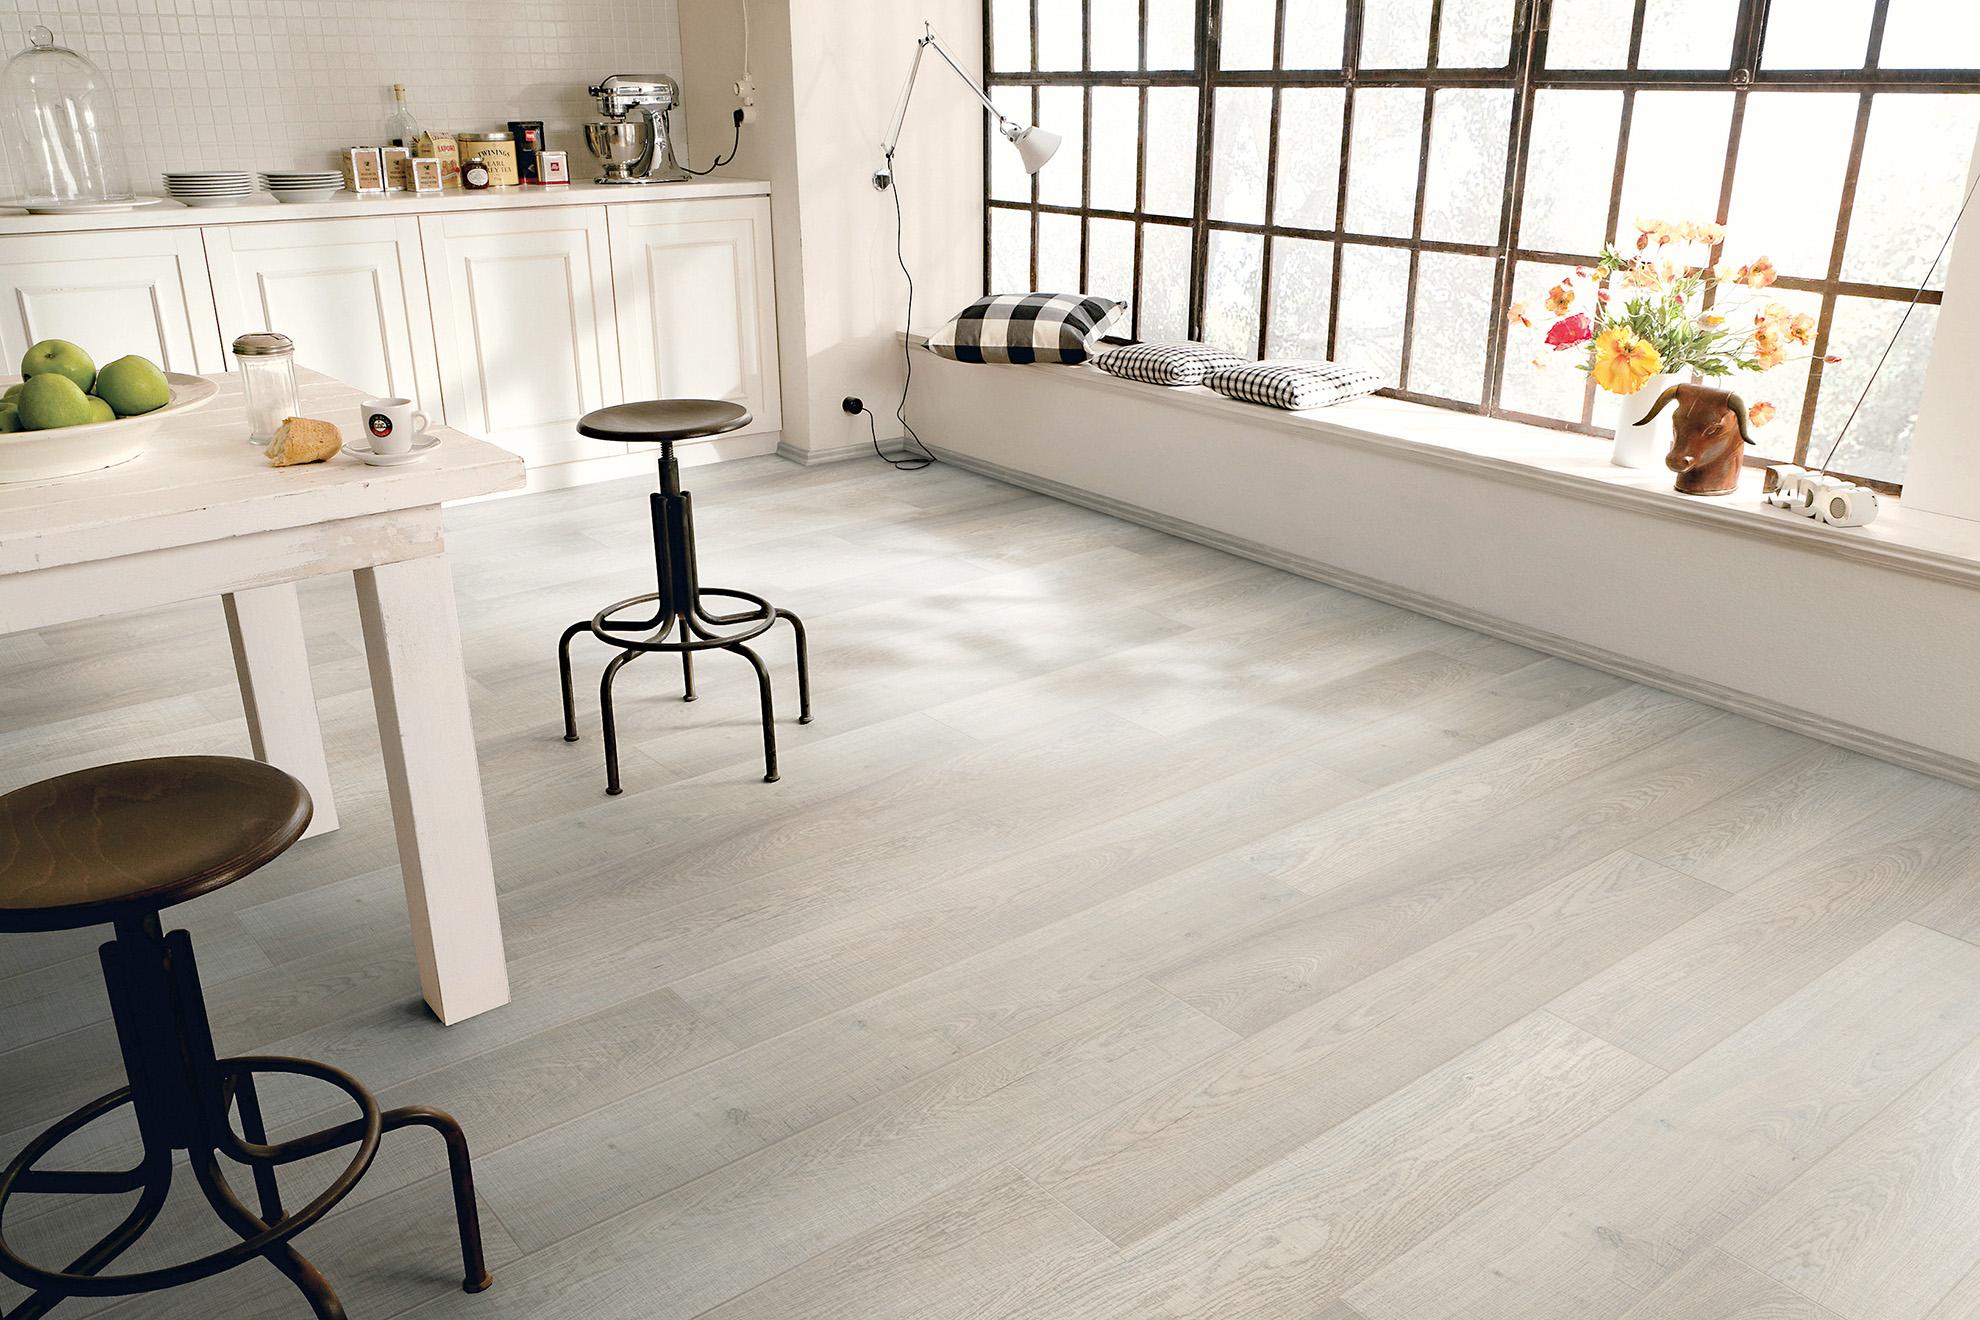 Laying tile effect laminate flooring